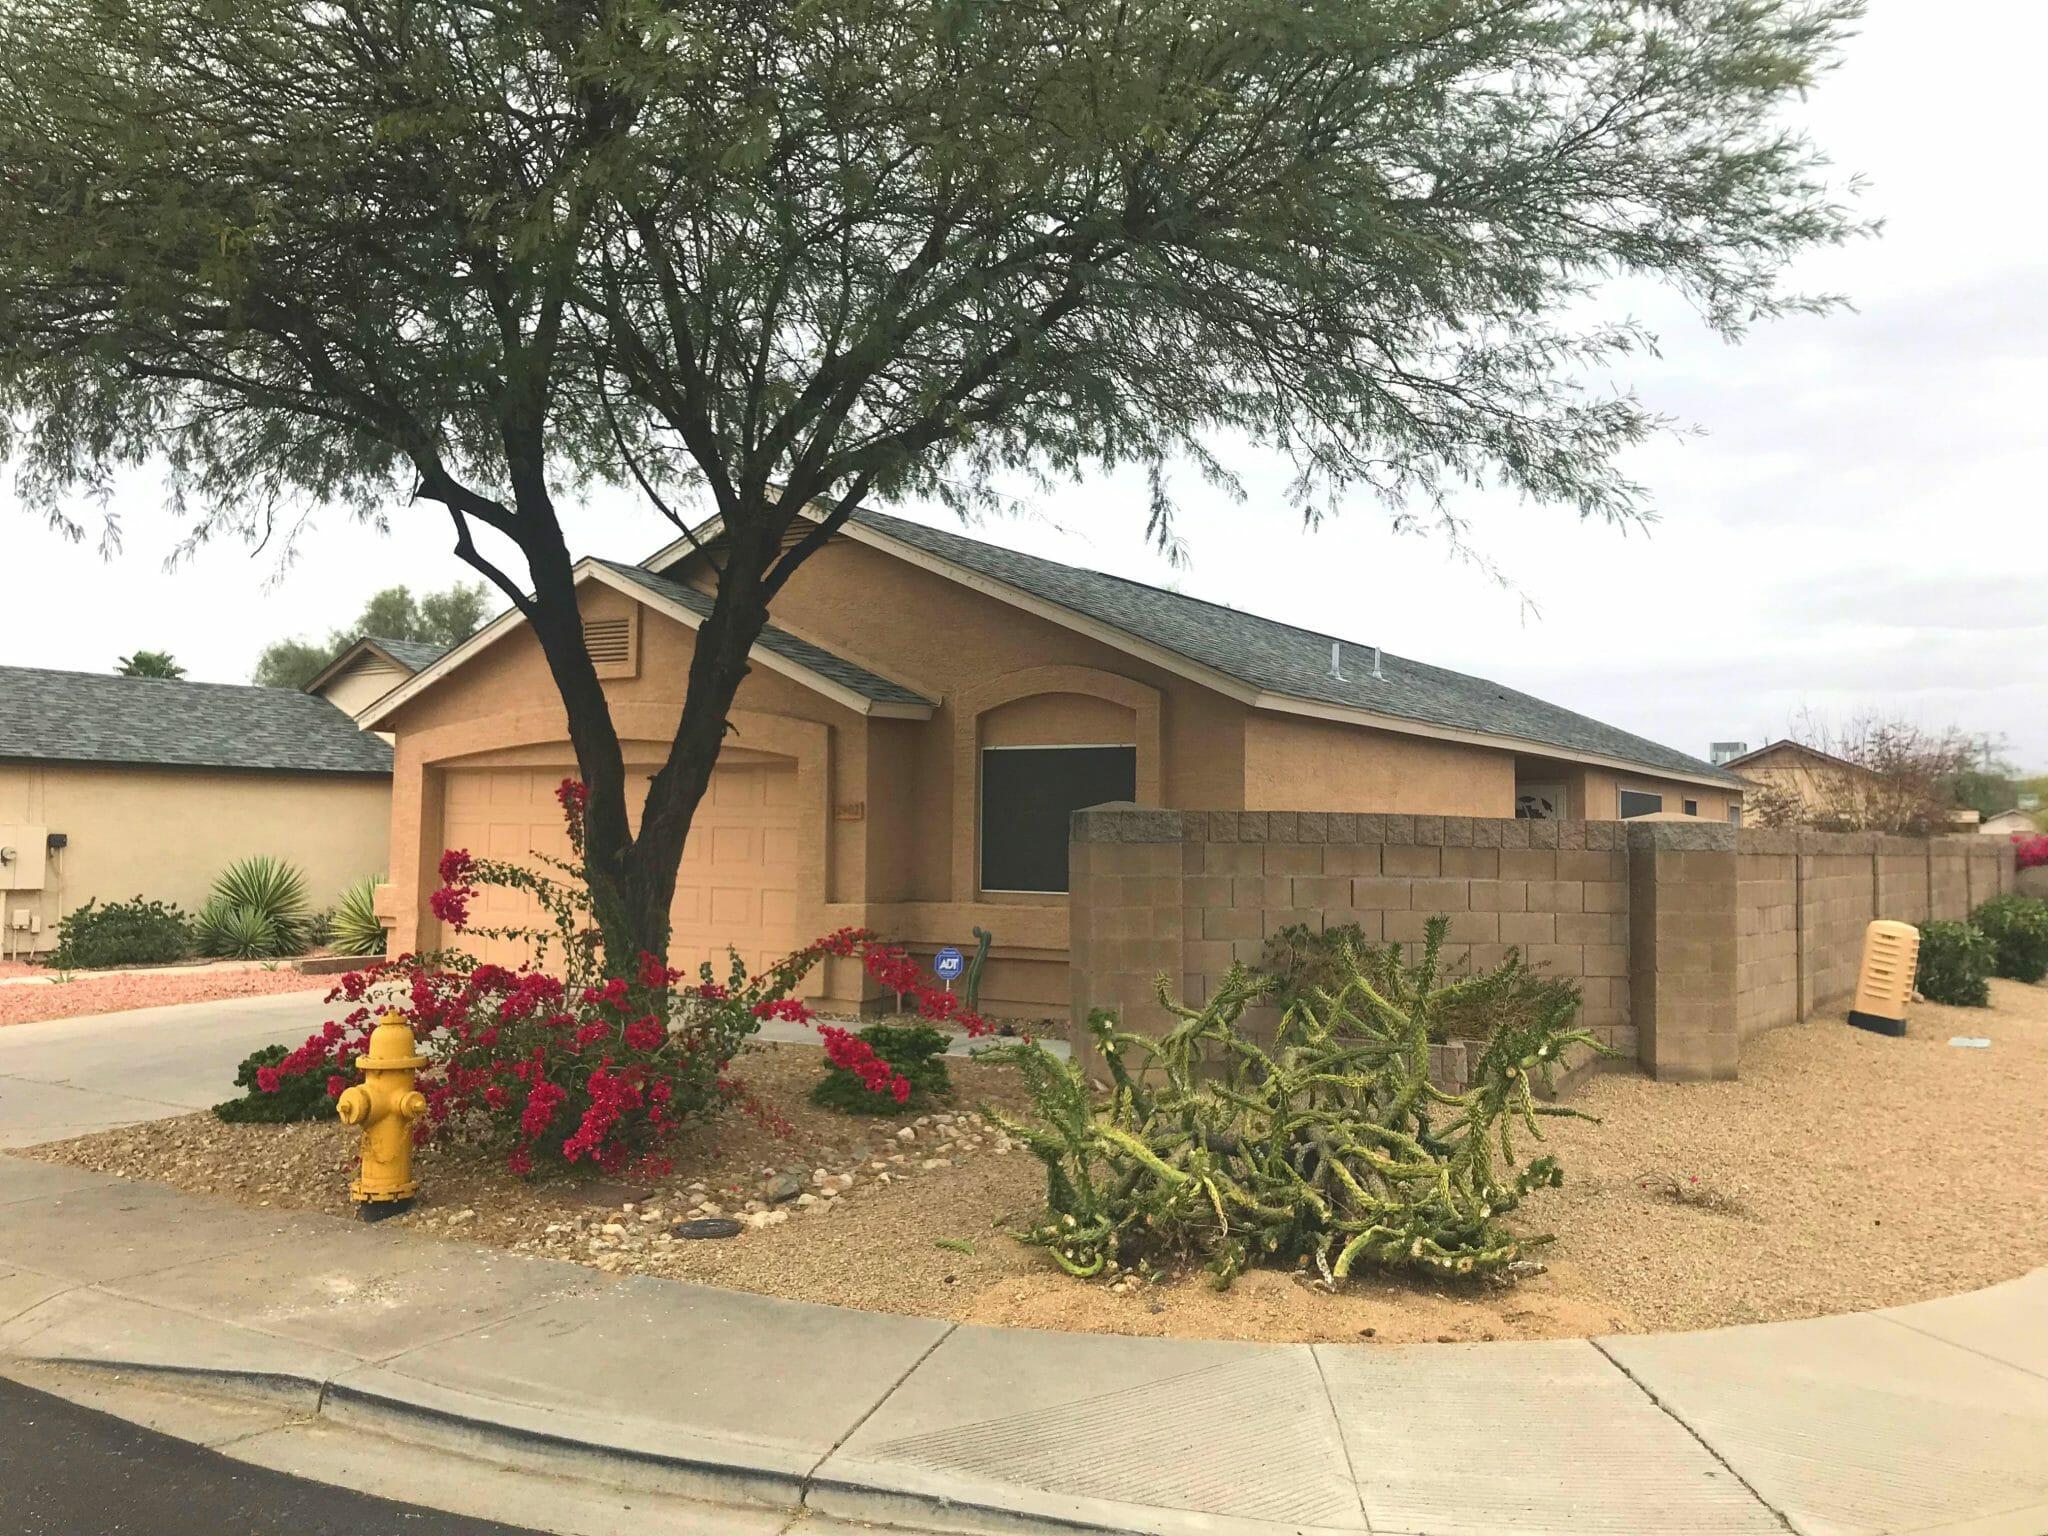 2902 W Irma Ln, Phoenix, AZ 85027